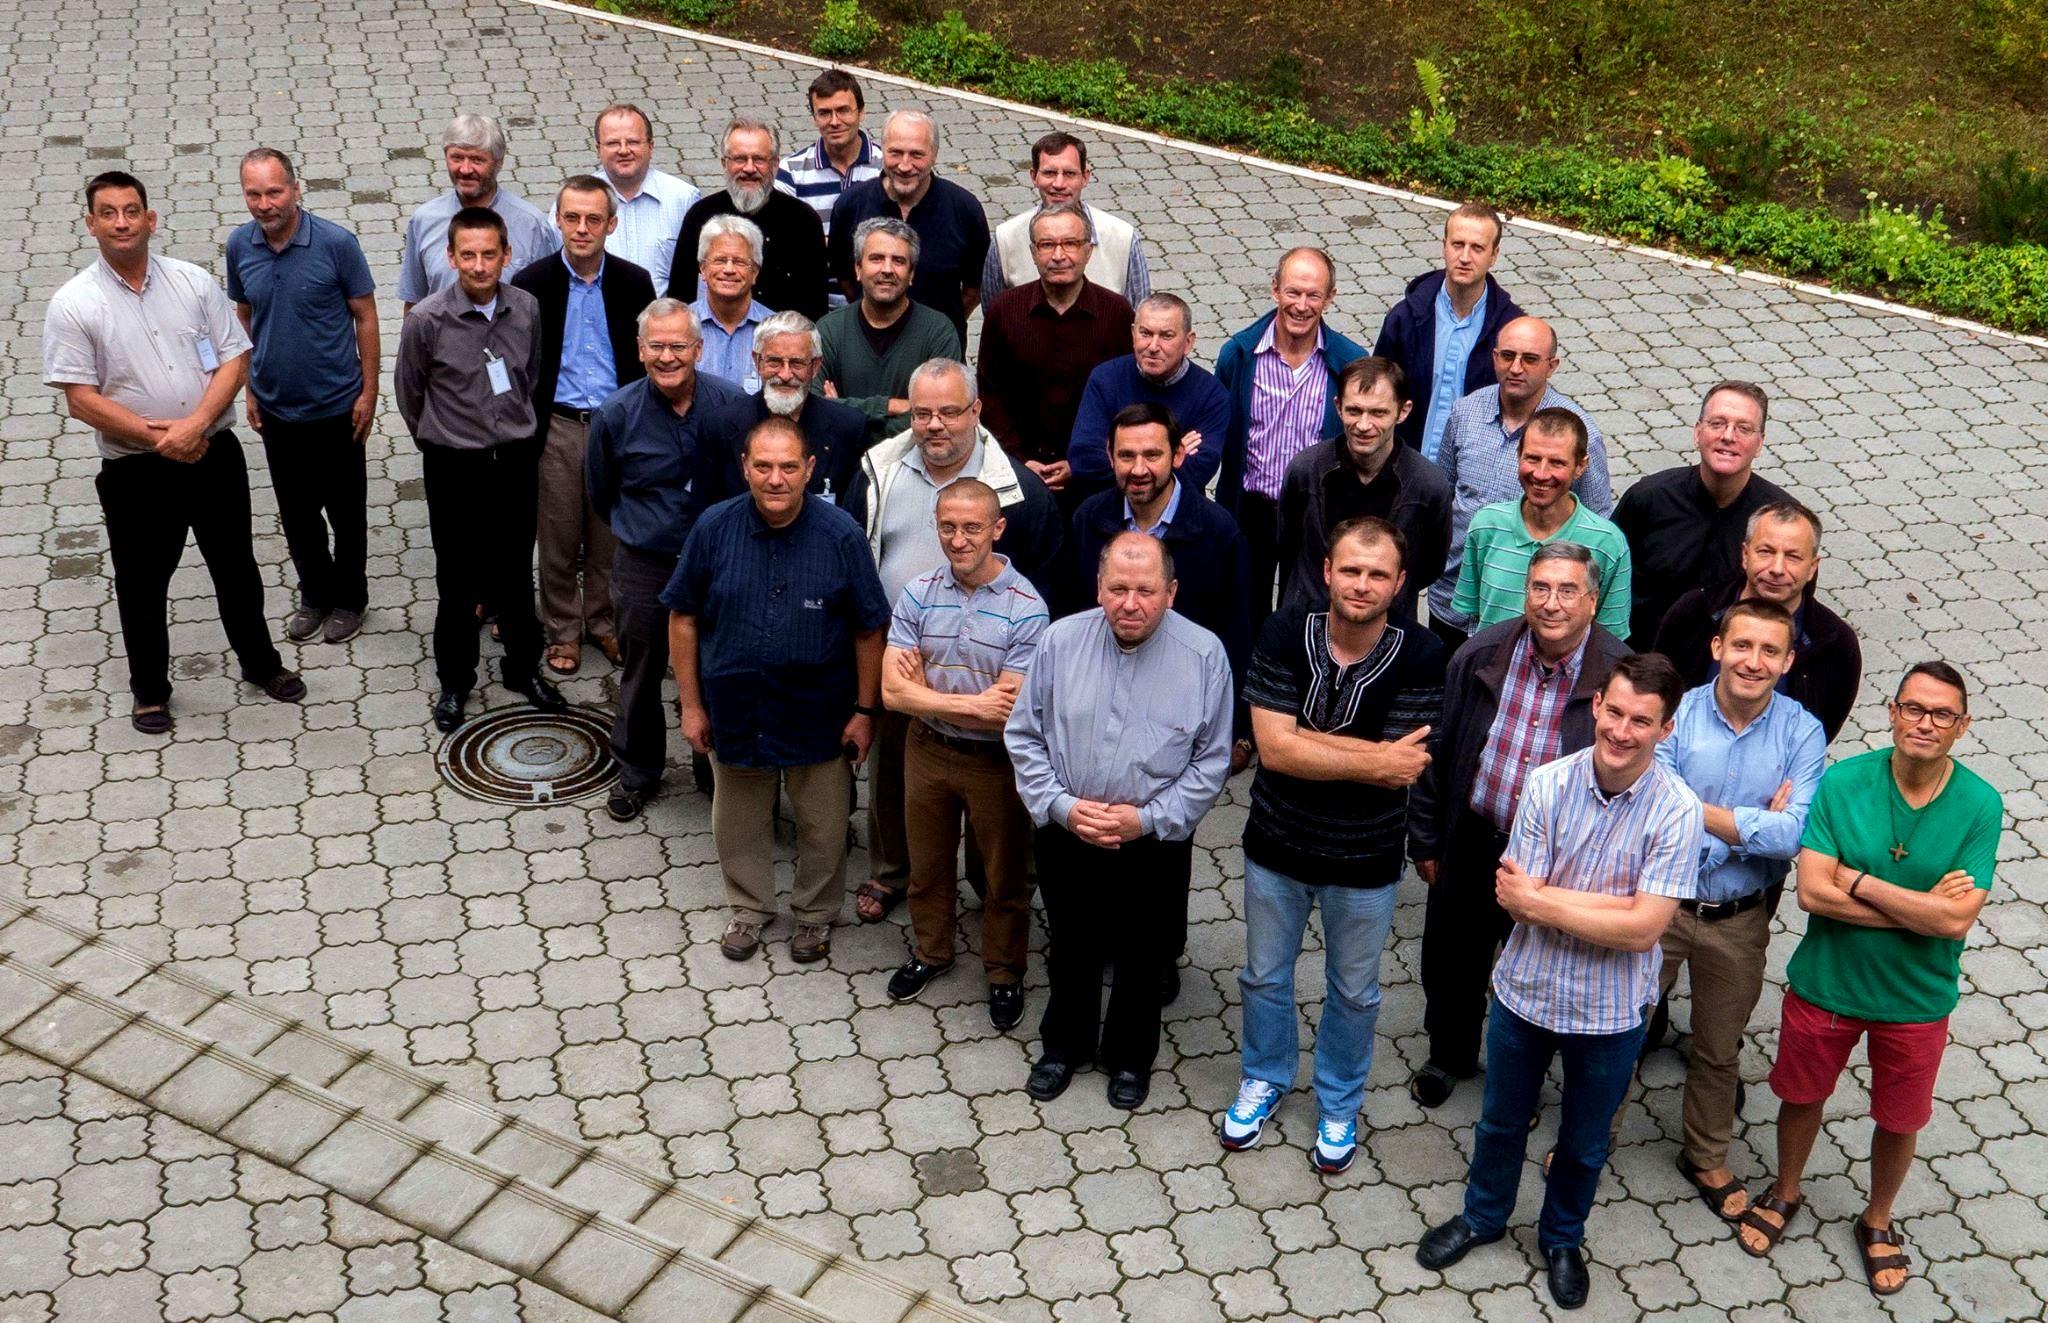 Зустріч єзуїтів в Брюховичах